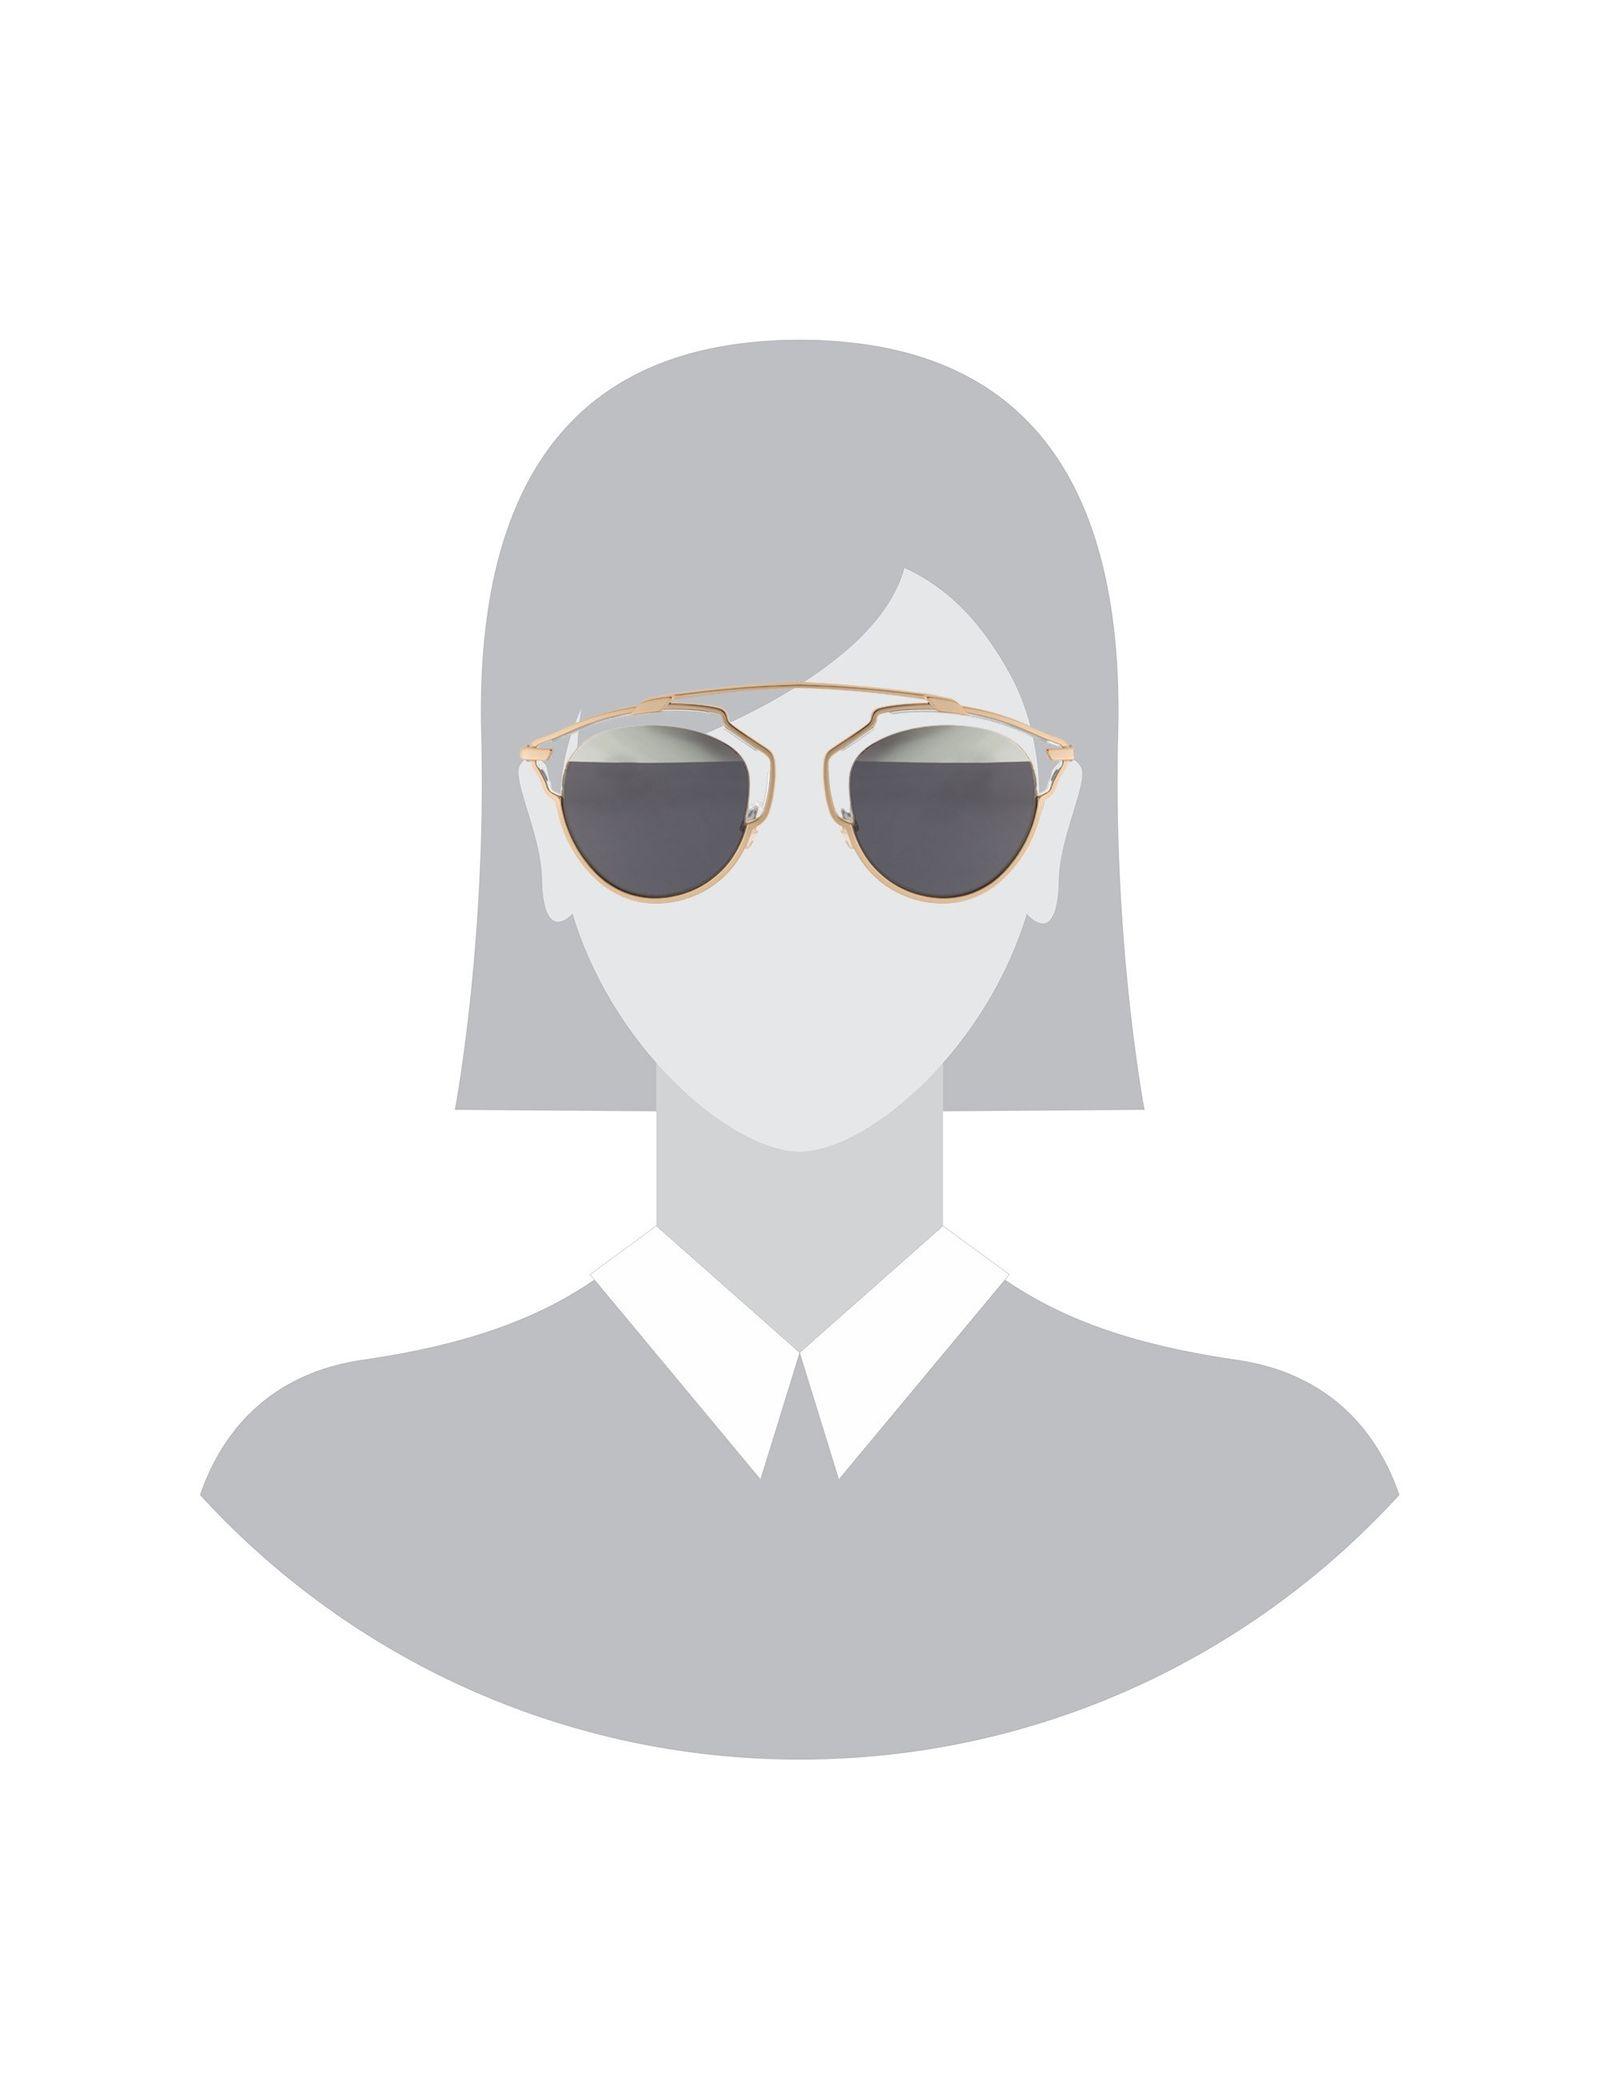 عینک آفتابی پنتوس زنانه - دیور - طلايي  - 6